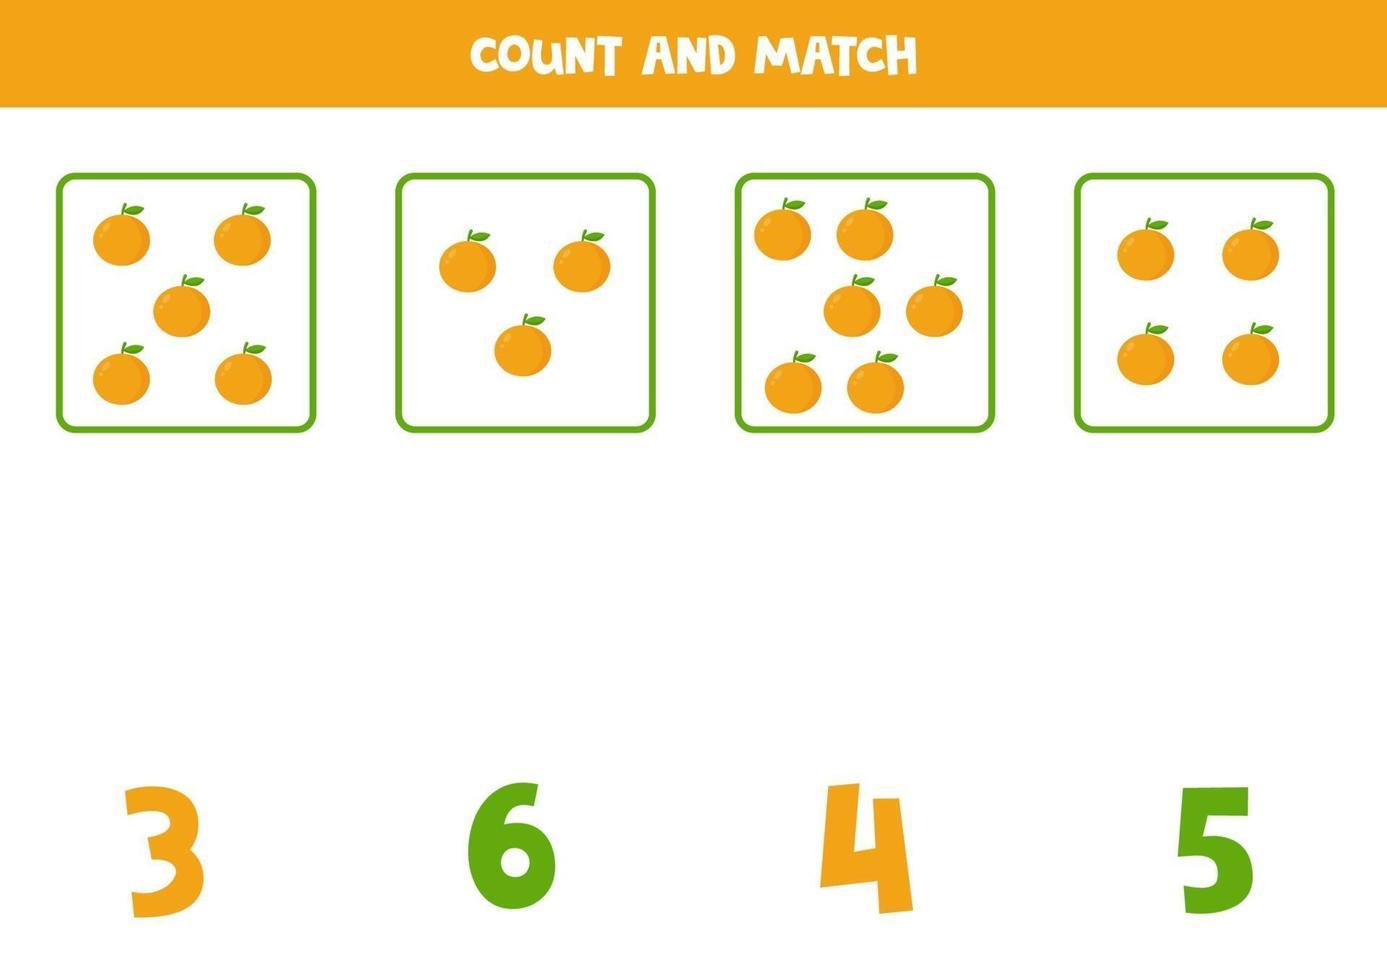 jogo de contagem para crianças. jogo de matemática com laranjas de desenho animado. vetor